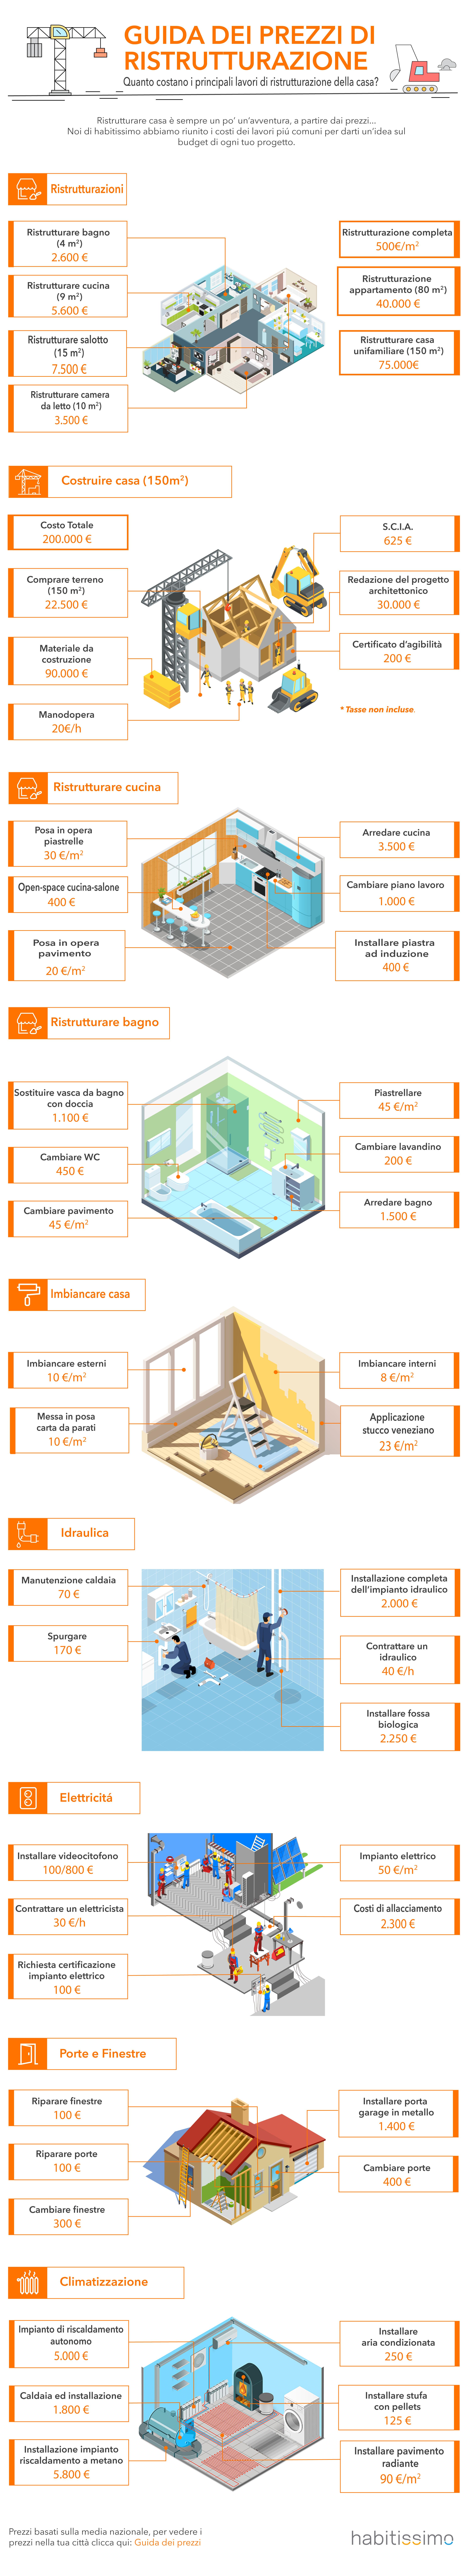 Guida dei prezzi di ristrutturazione idee interior designer for Programmi per interior design